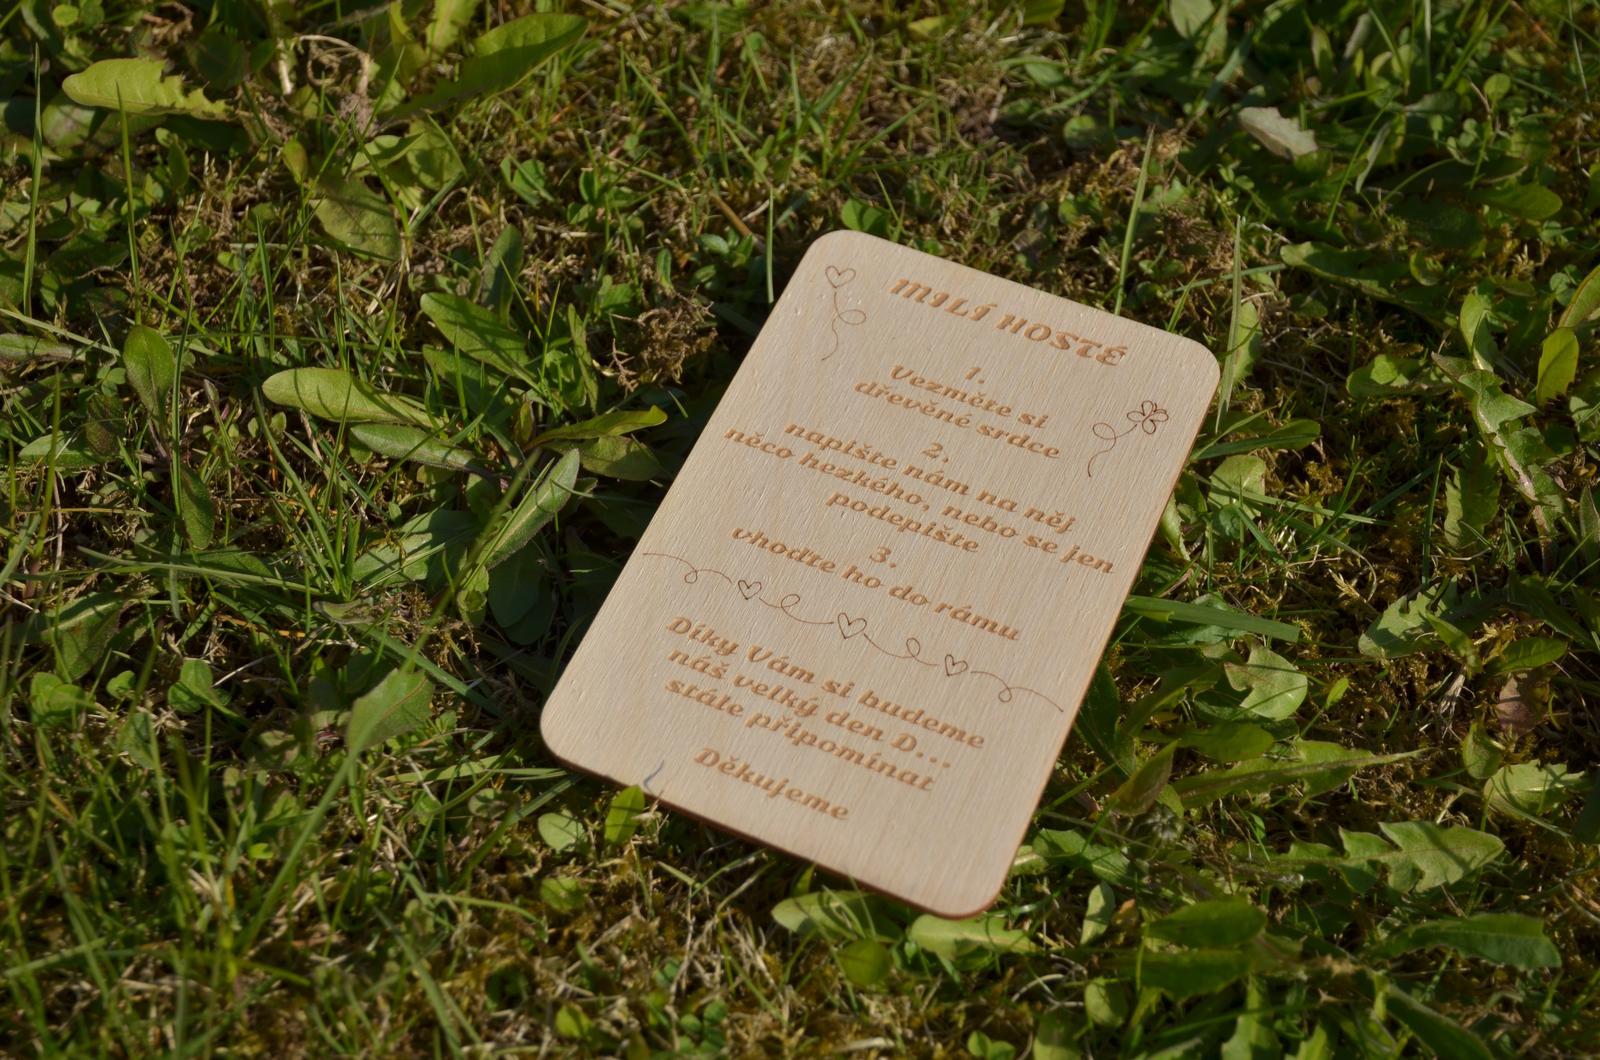 Moje práce - weddart - Novinka na přání - dřevěný návod k svatebnímu rámu